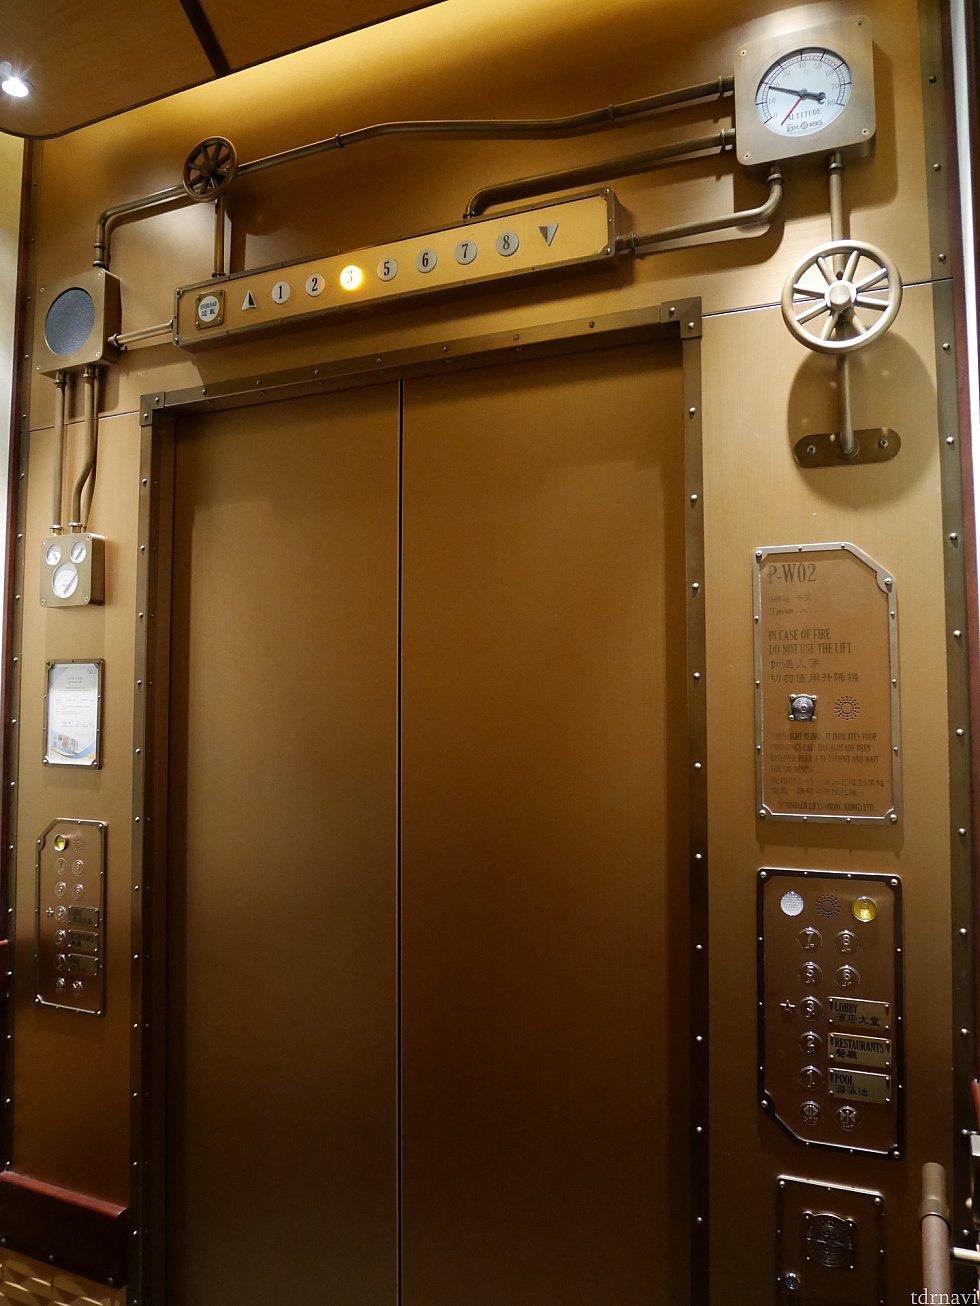 こちらはエレベーター内部!センターオブジアースのテラベーターみたい😆ワクワクします❗